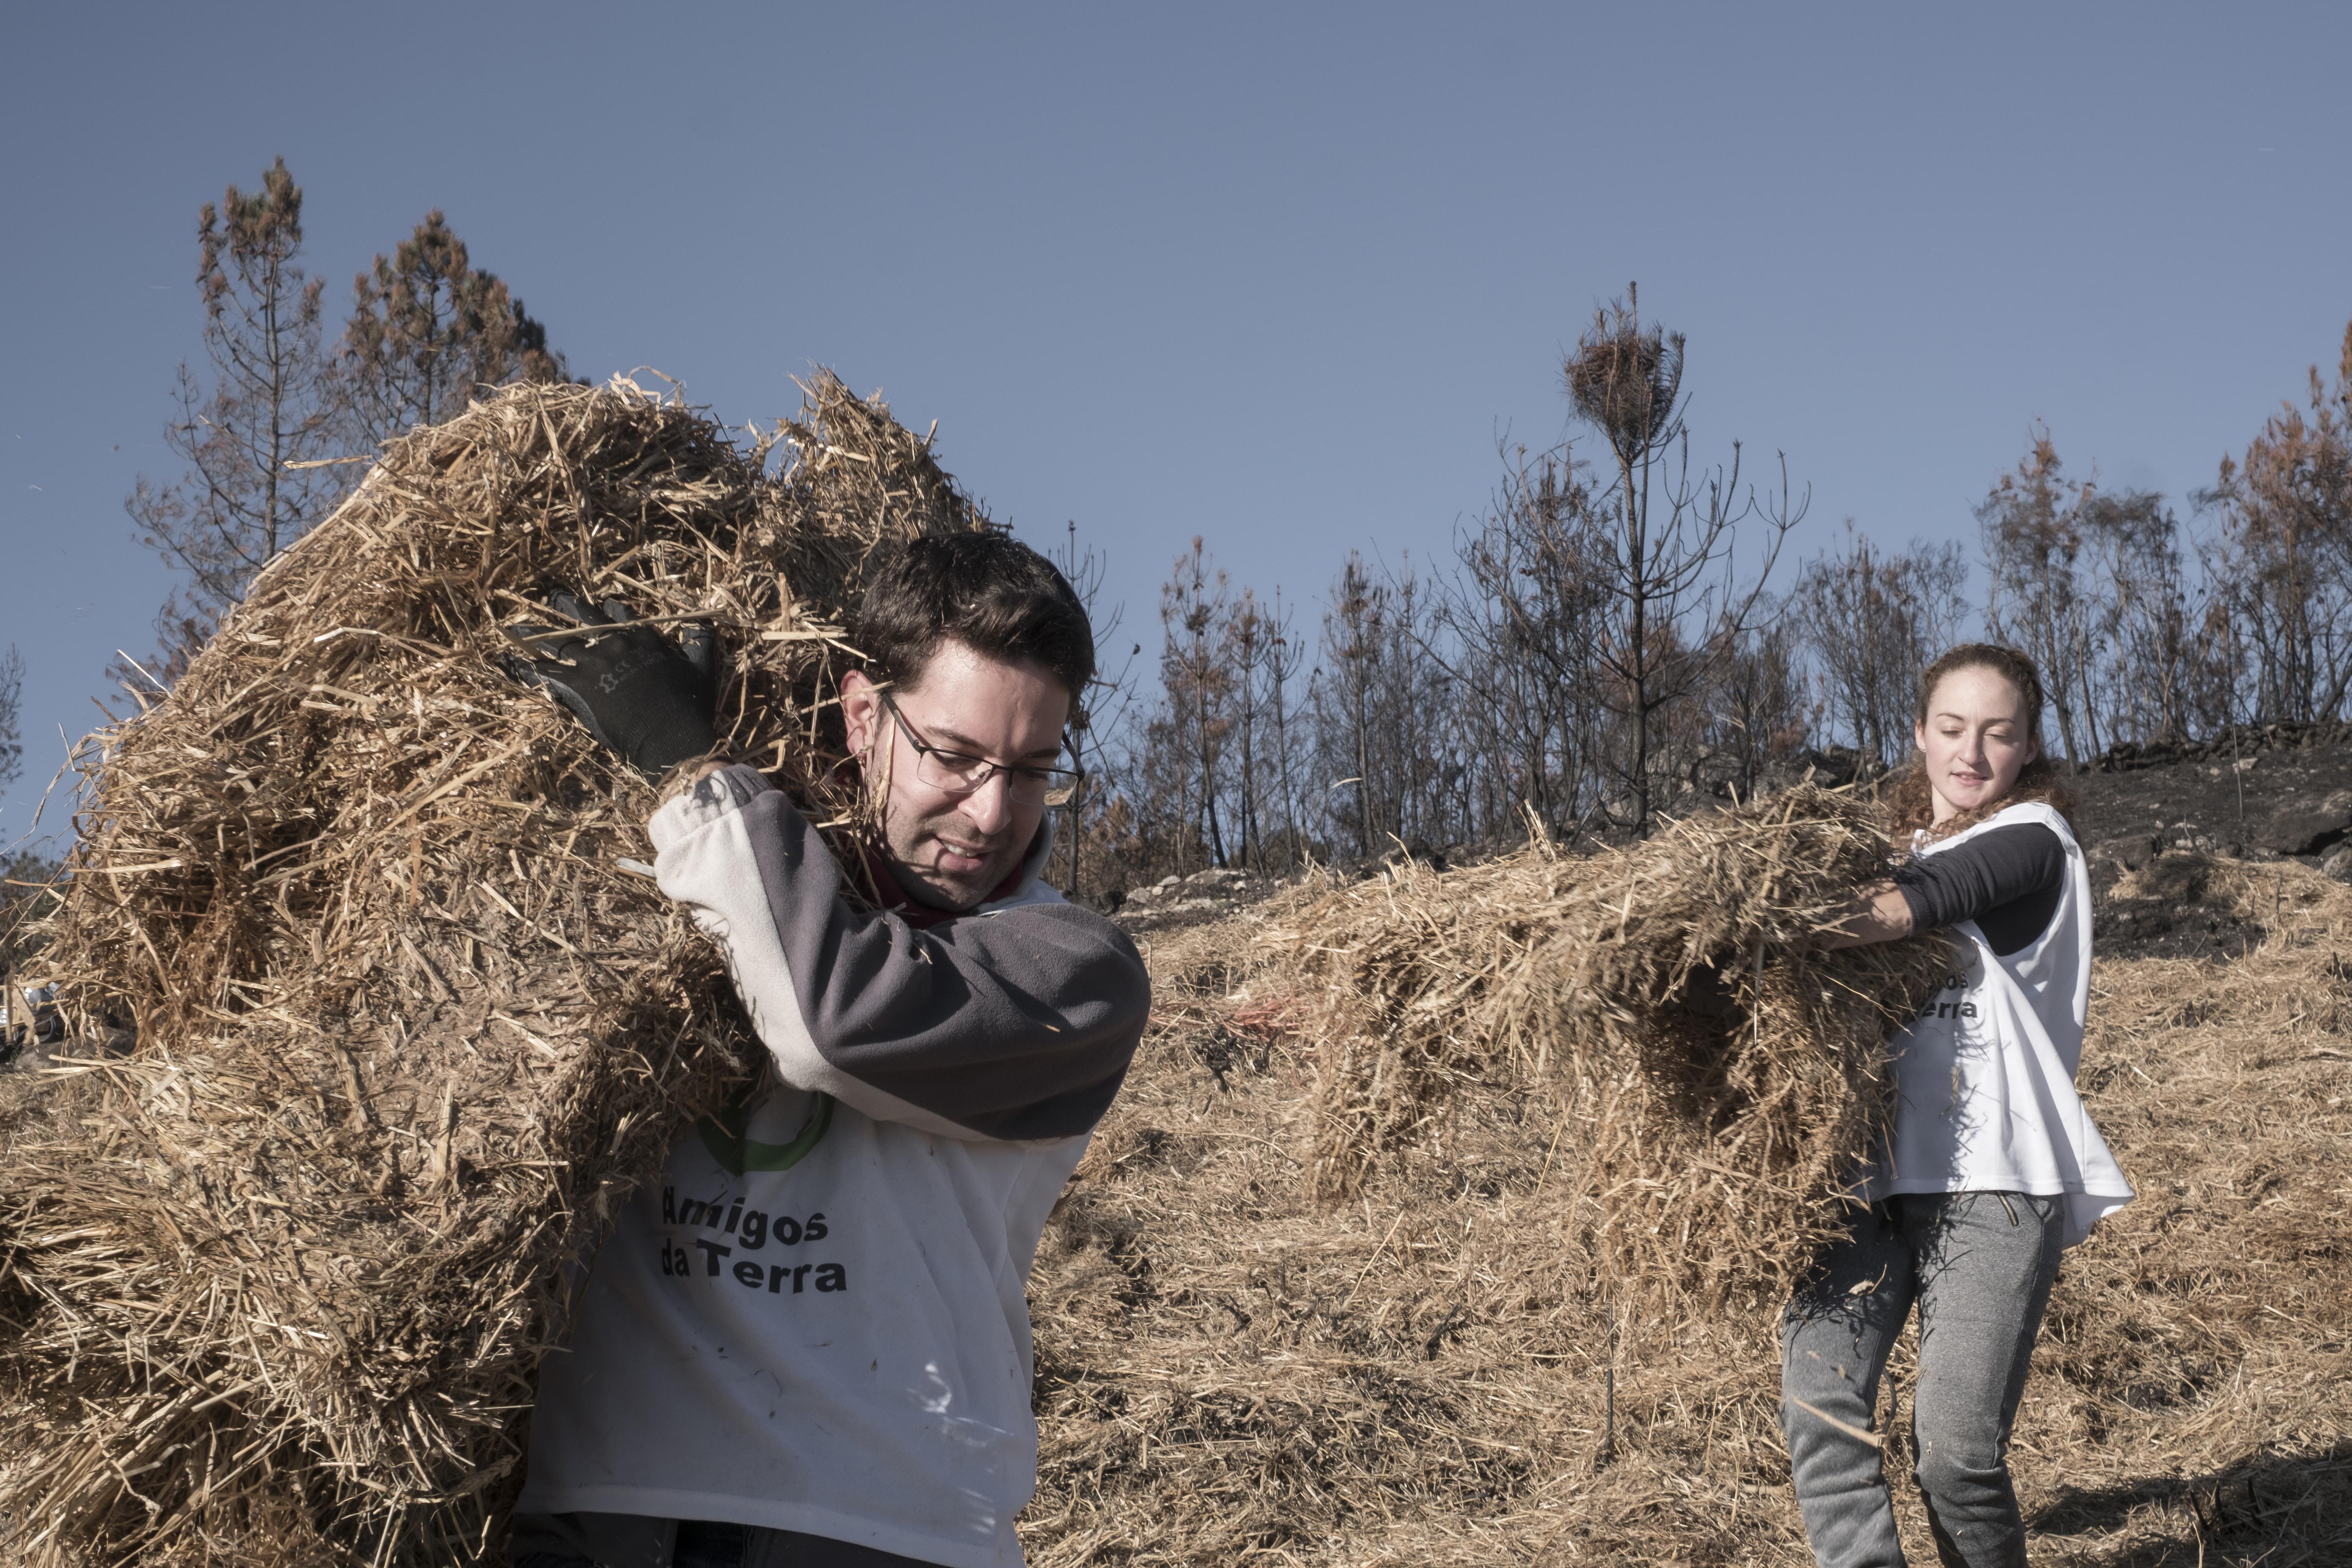 Ir a Galicia: Acciones de regeneración forestal tras los incendios del mes pasado